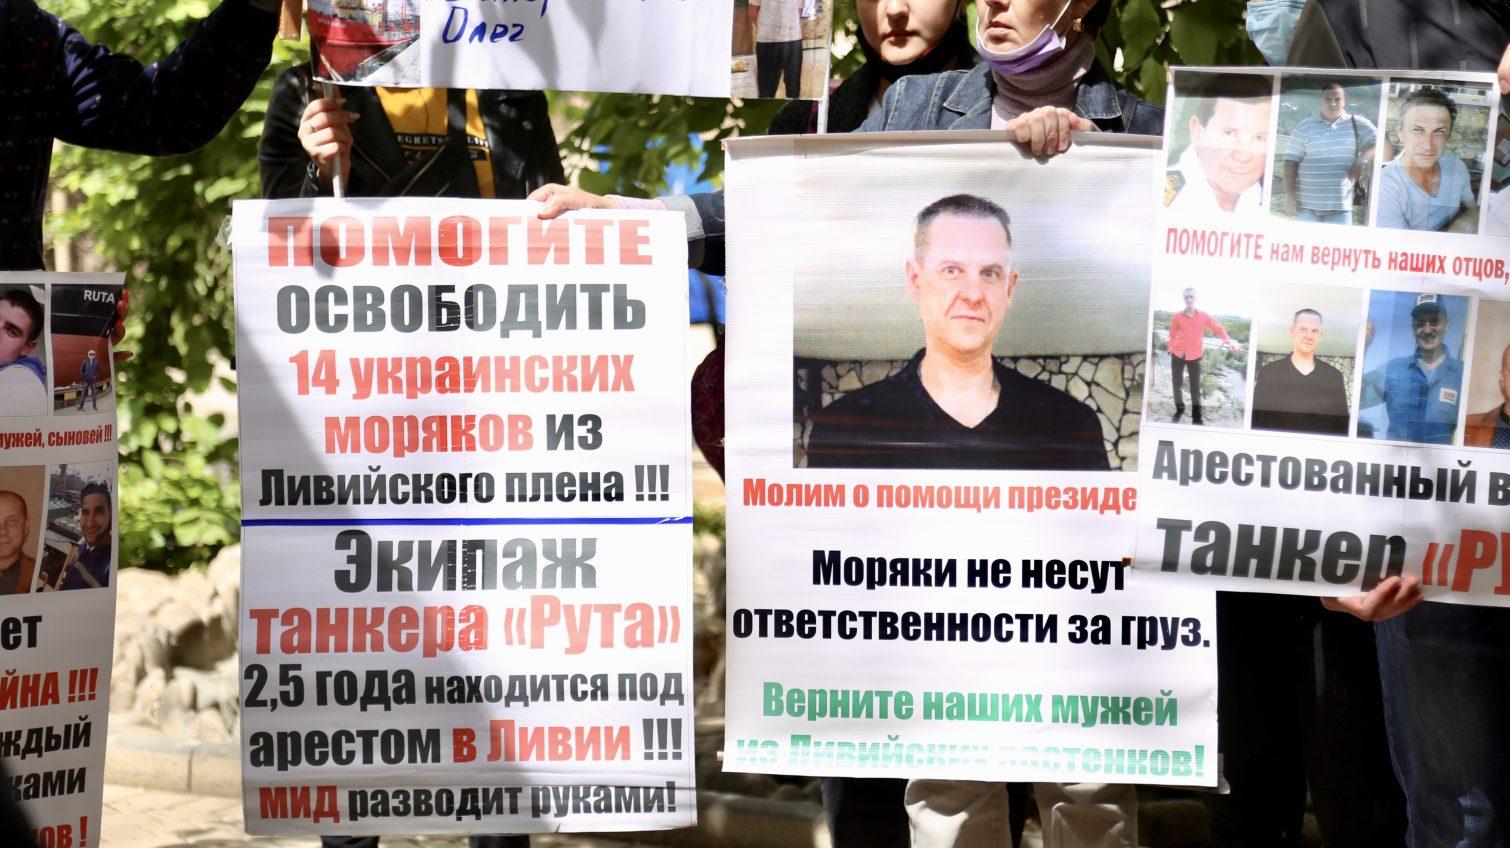 Одесские моряки в ливийской тюрьме объявили голодовку: родные просят о помощи (фото) «фото»